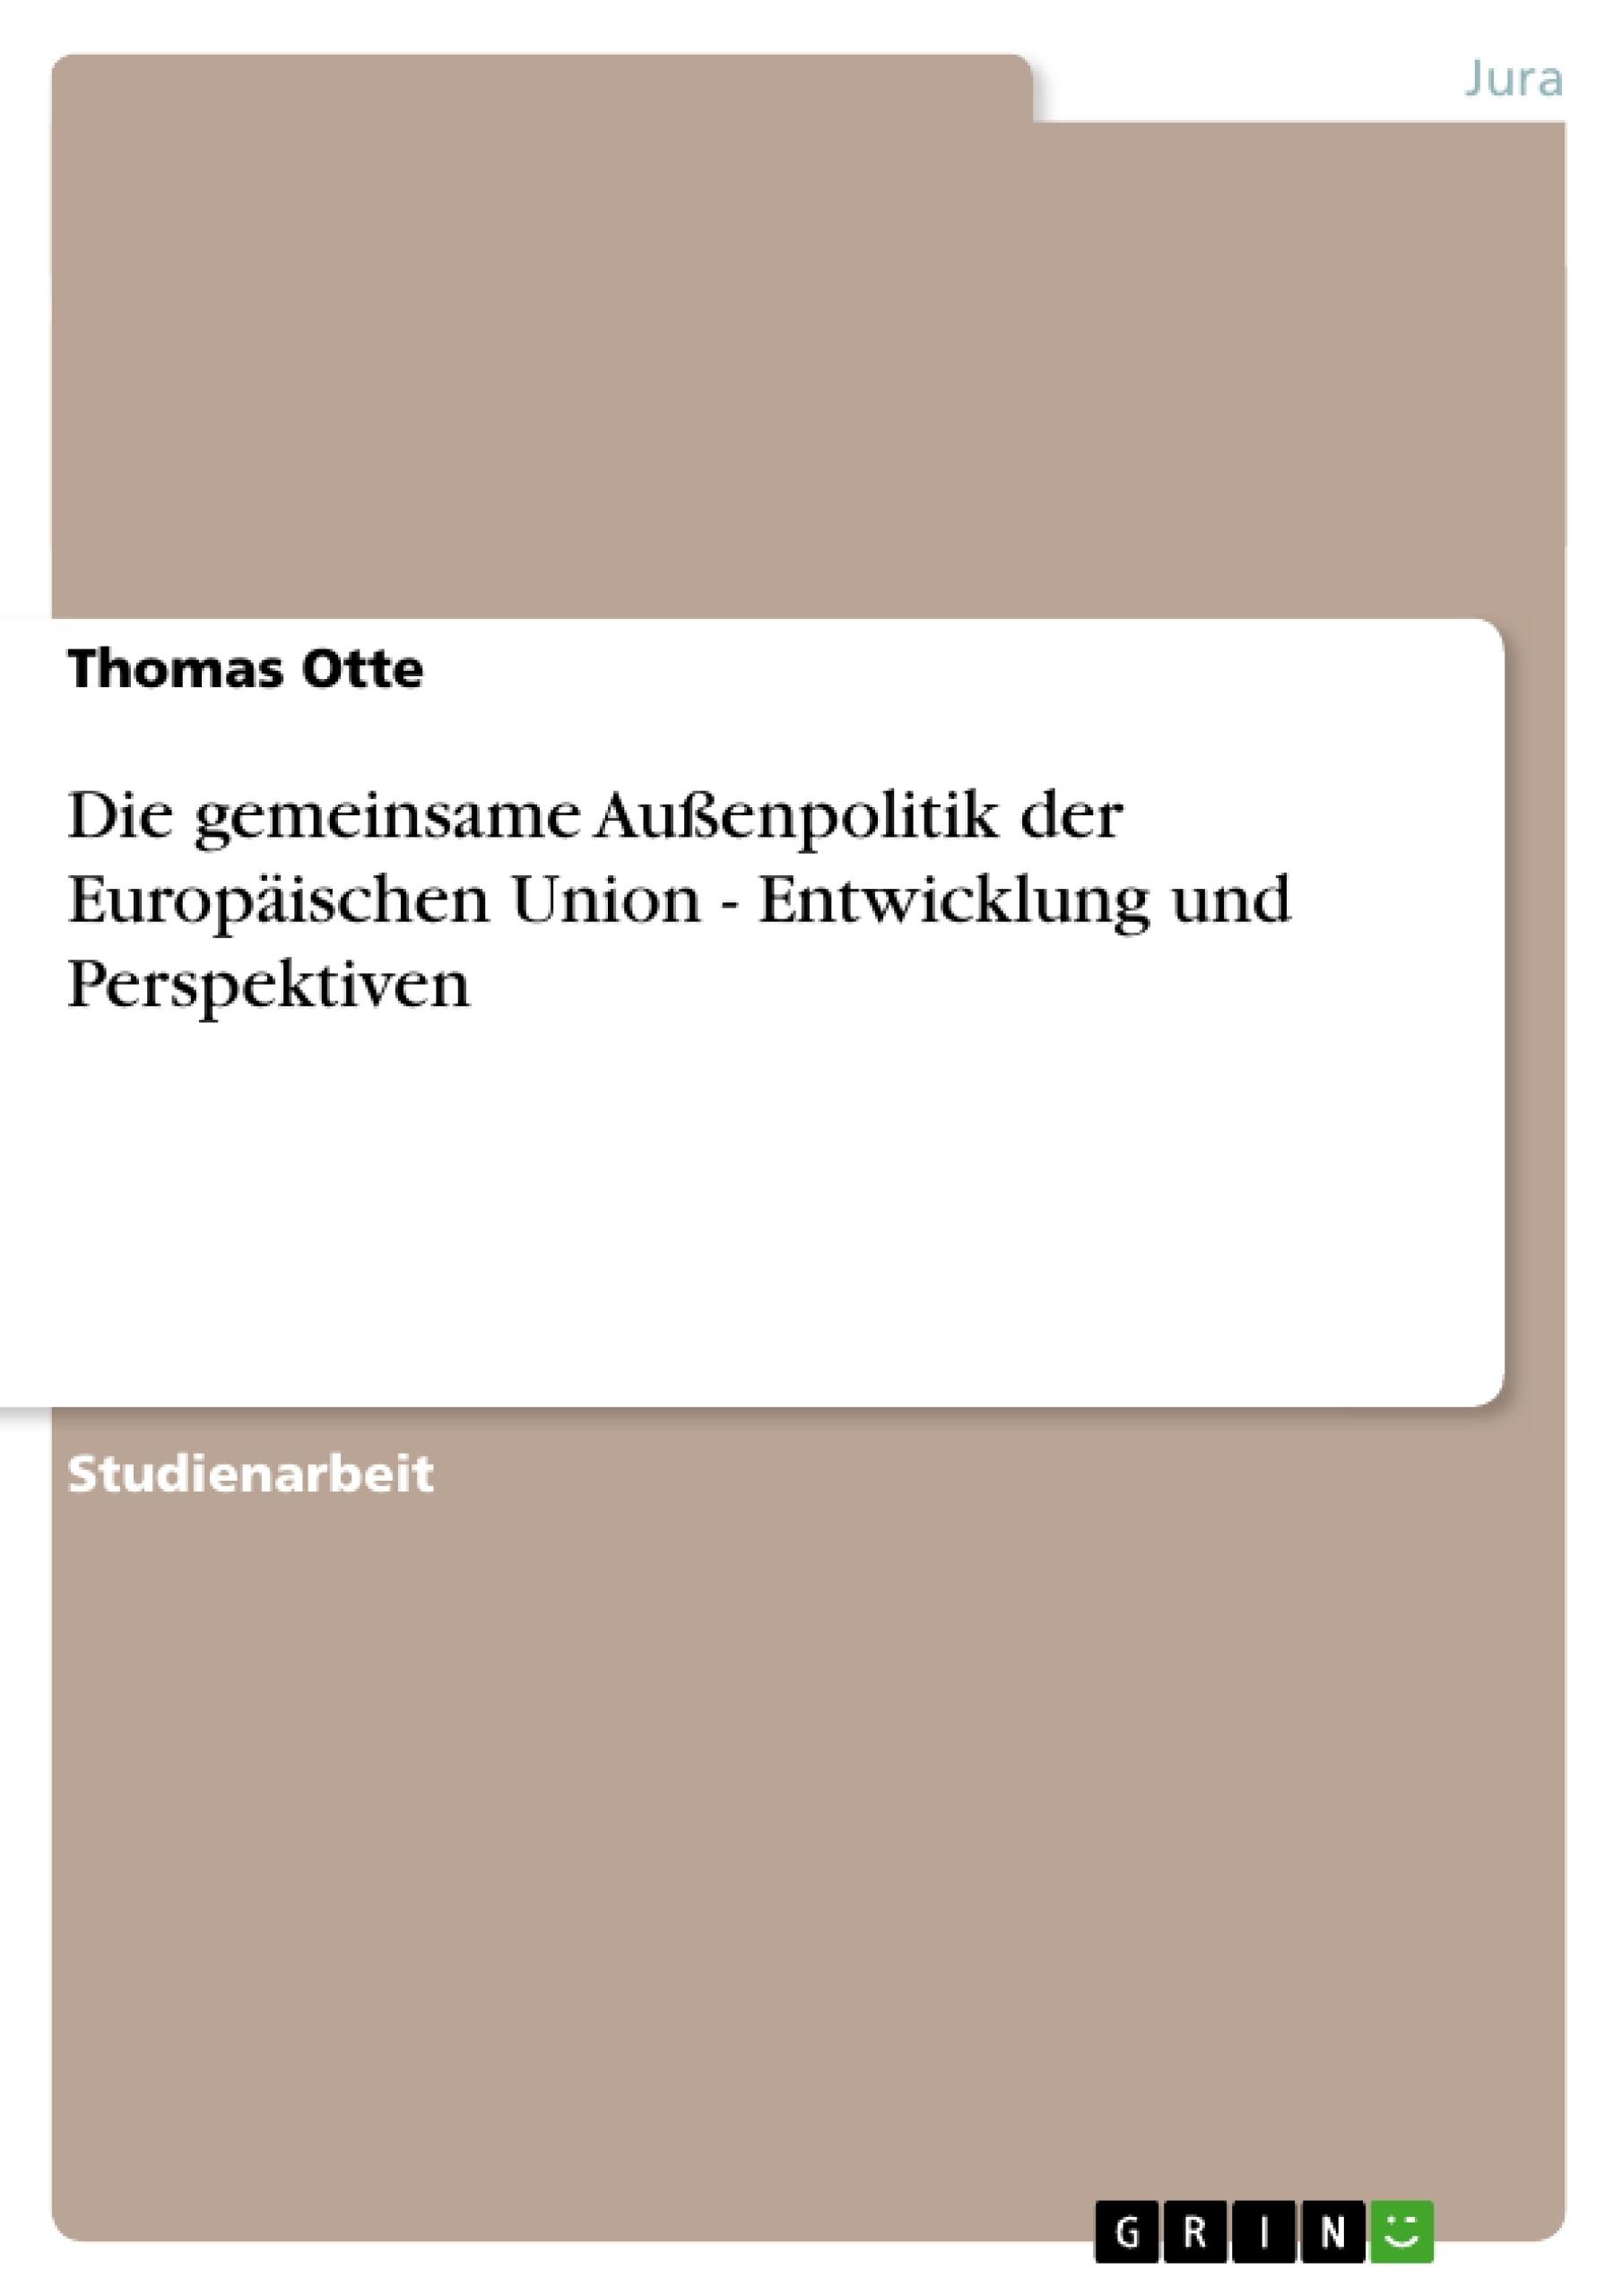 Titel: Die gemeinsame Außenpolitik der Europäischen Union - Entwicklung und Perspektiven